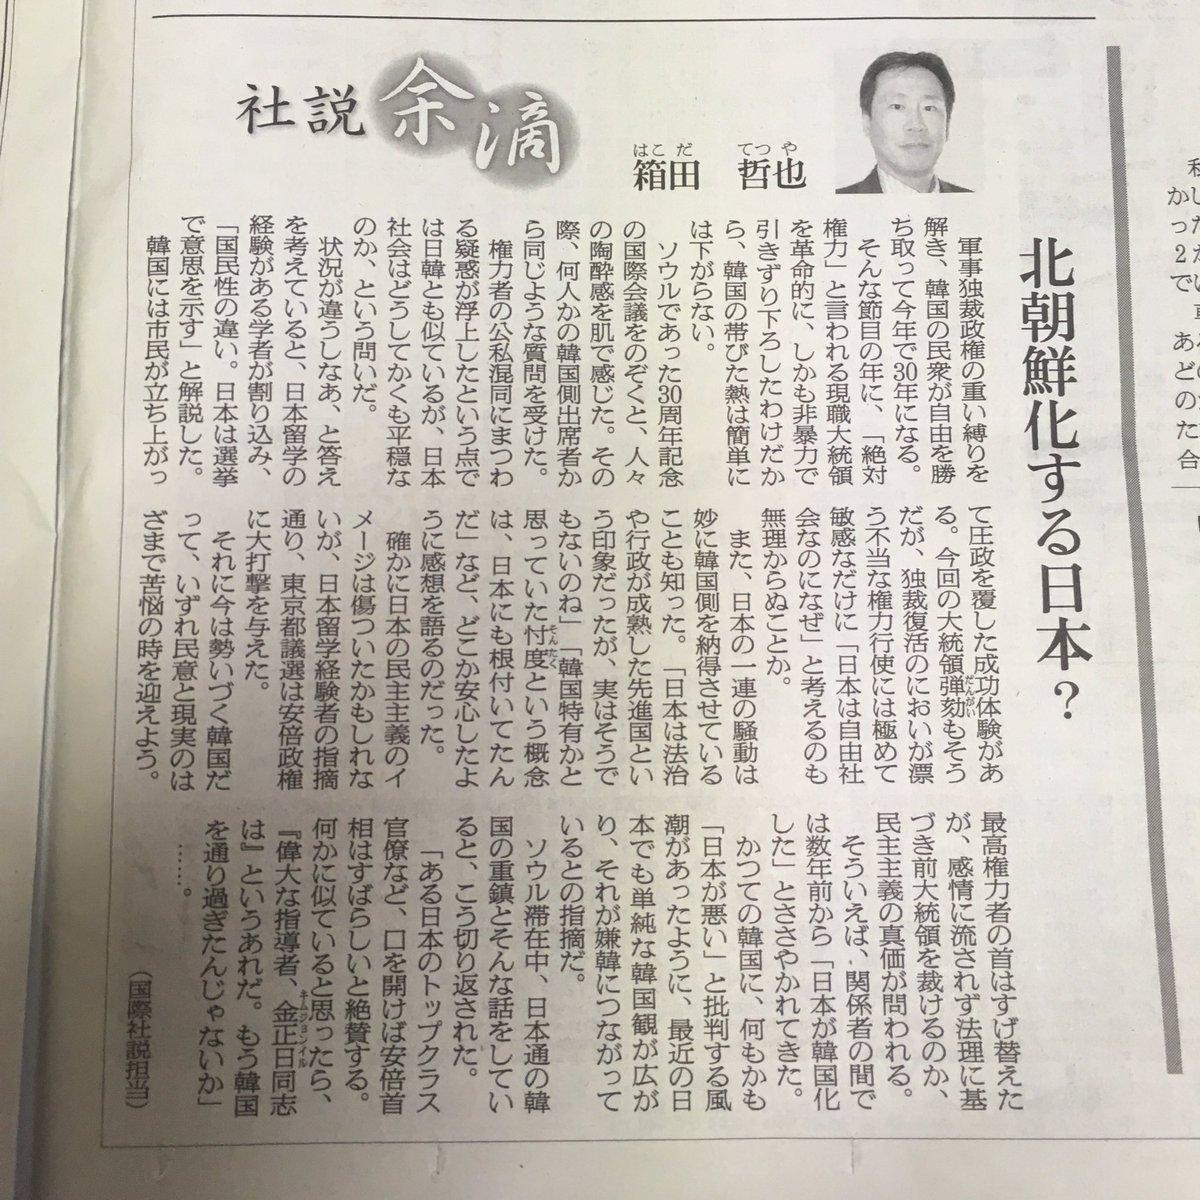 【衝撃】朝日新聞「今の日本は北朝鮮化してる」のサムネイル画像